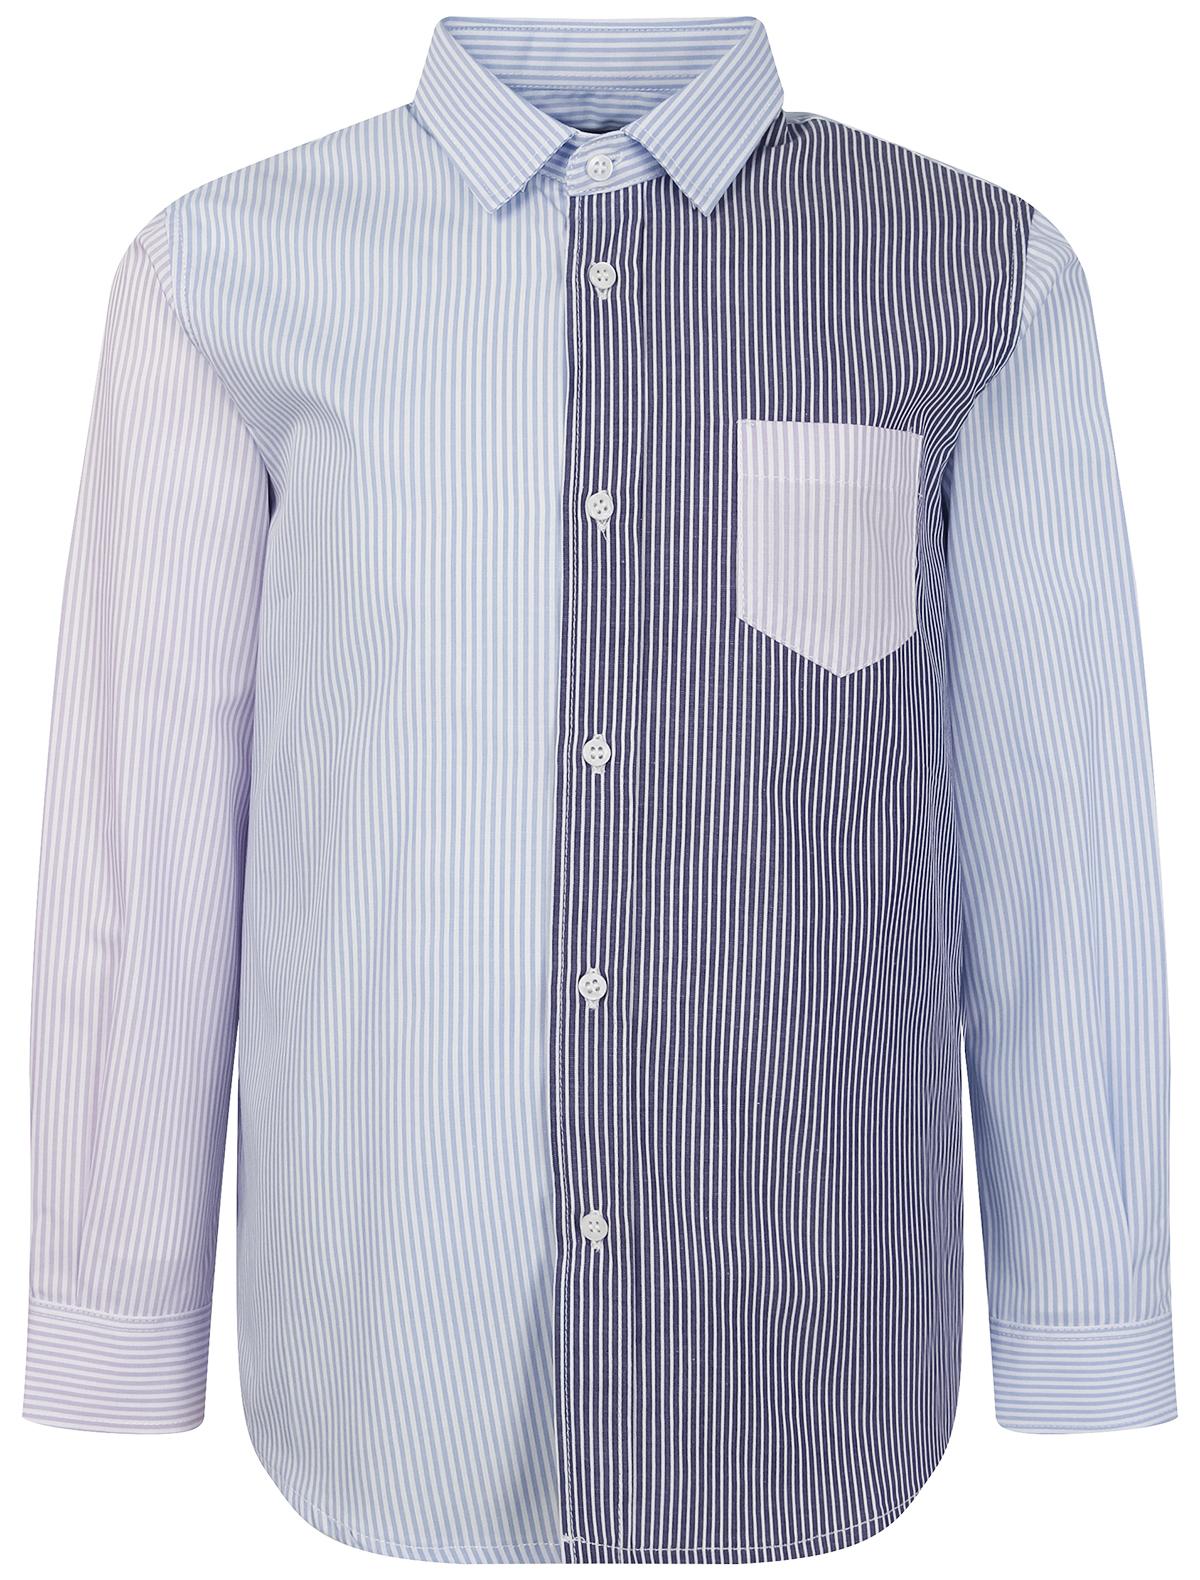 Купить 2279551, Рубашка Il Gufo, голубой, Мужской, 1014519170689